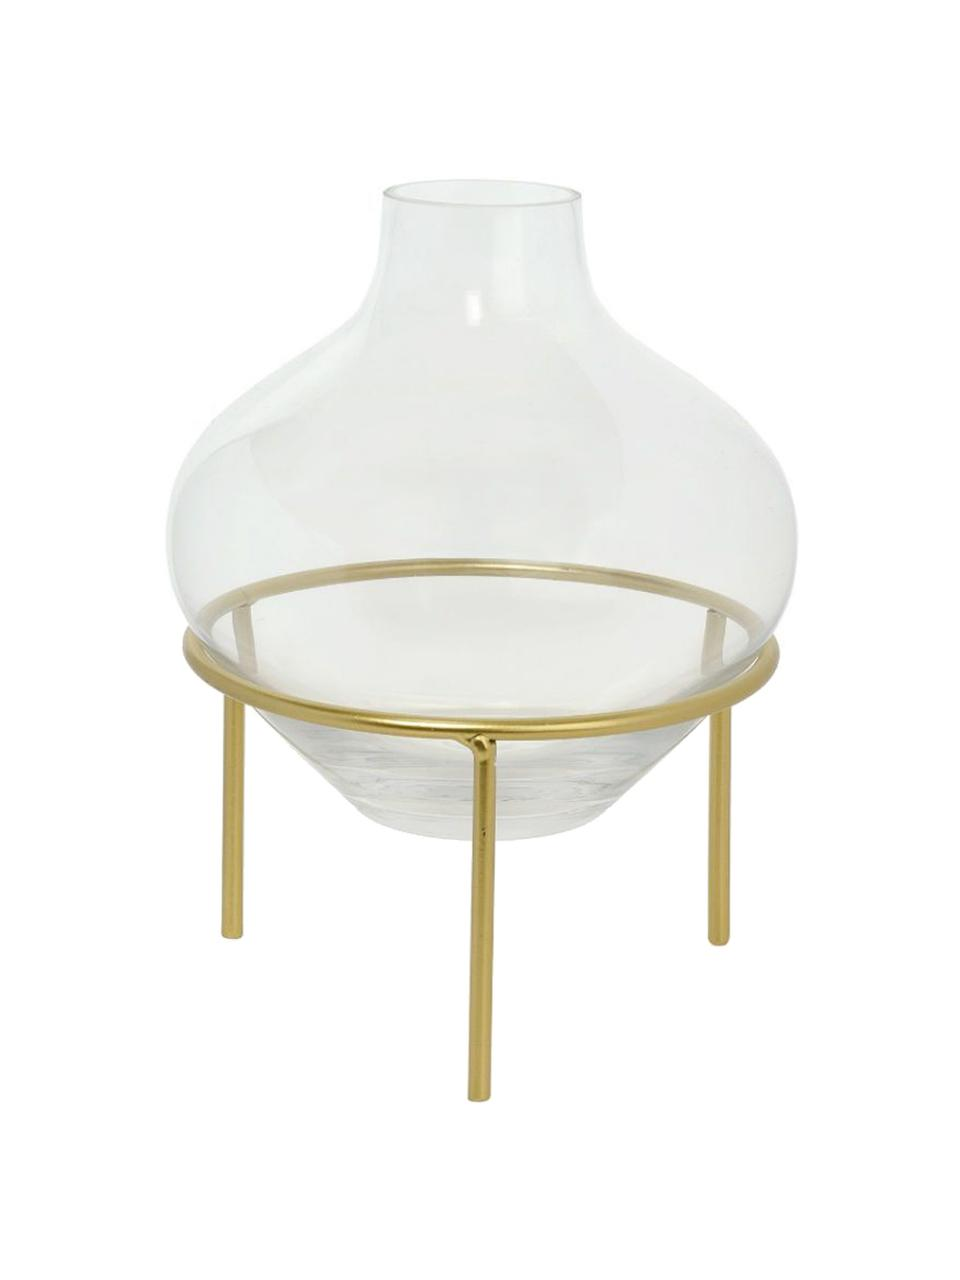 Vaso con struttura in metallo Mike, Vaso: vetro, Struttura: metallo verniciato, Ottonato, Ø 21 x Alt. 26 cm